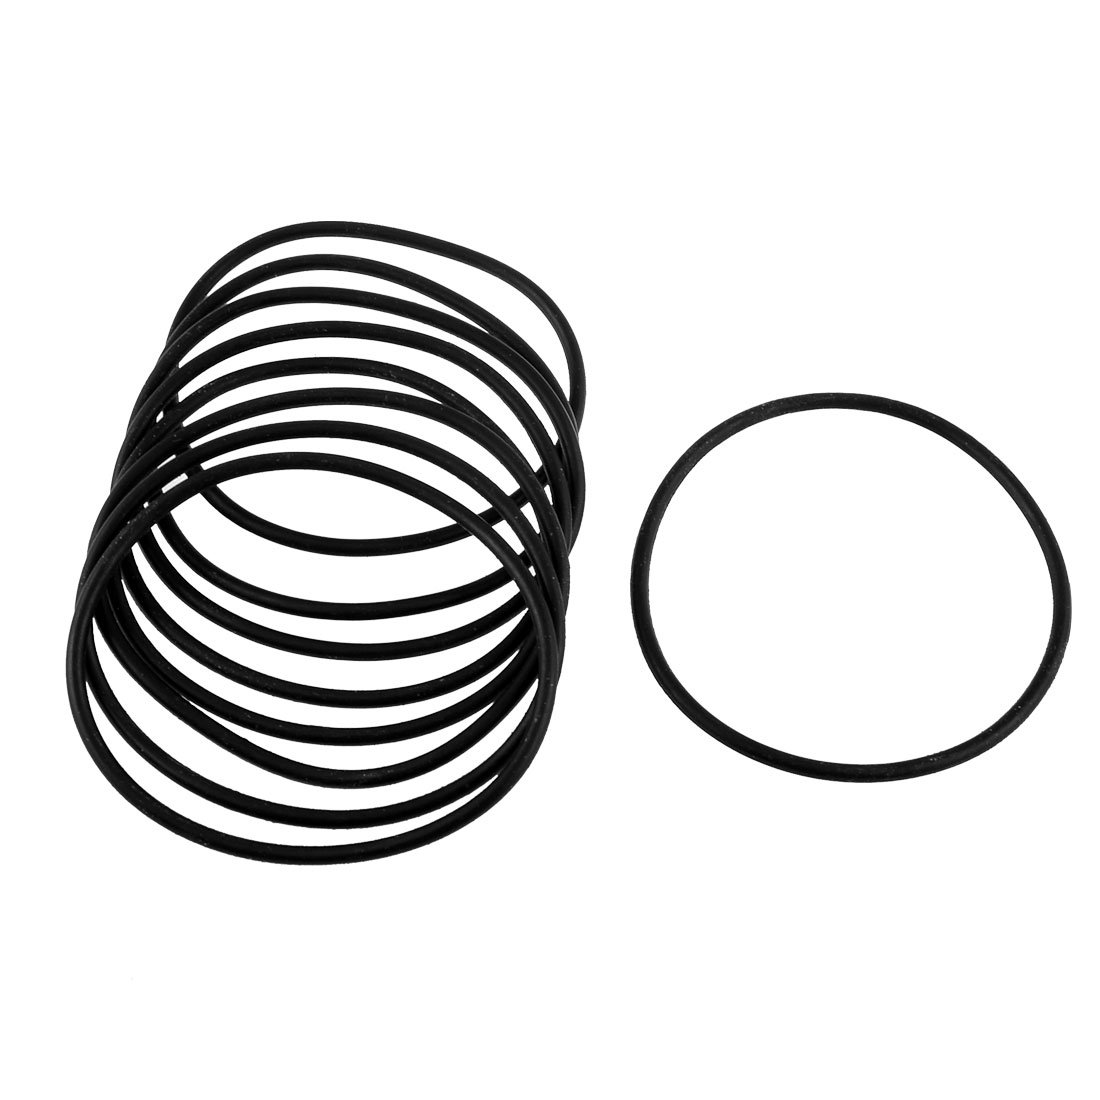 10 Stü ck Black Rubber 75 mm x 3 mm Oil Seal O-Ringe Dichtungen Unterlegscheiben Sourcingmap a13030700ux0486